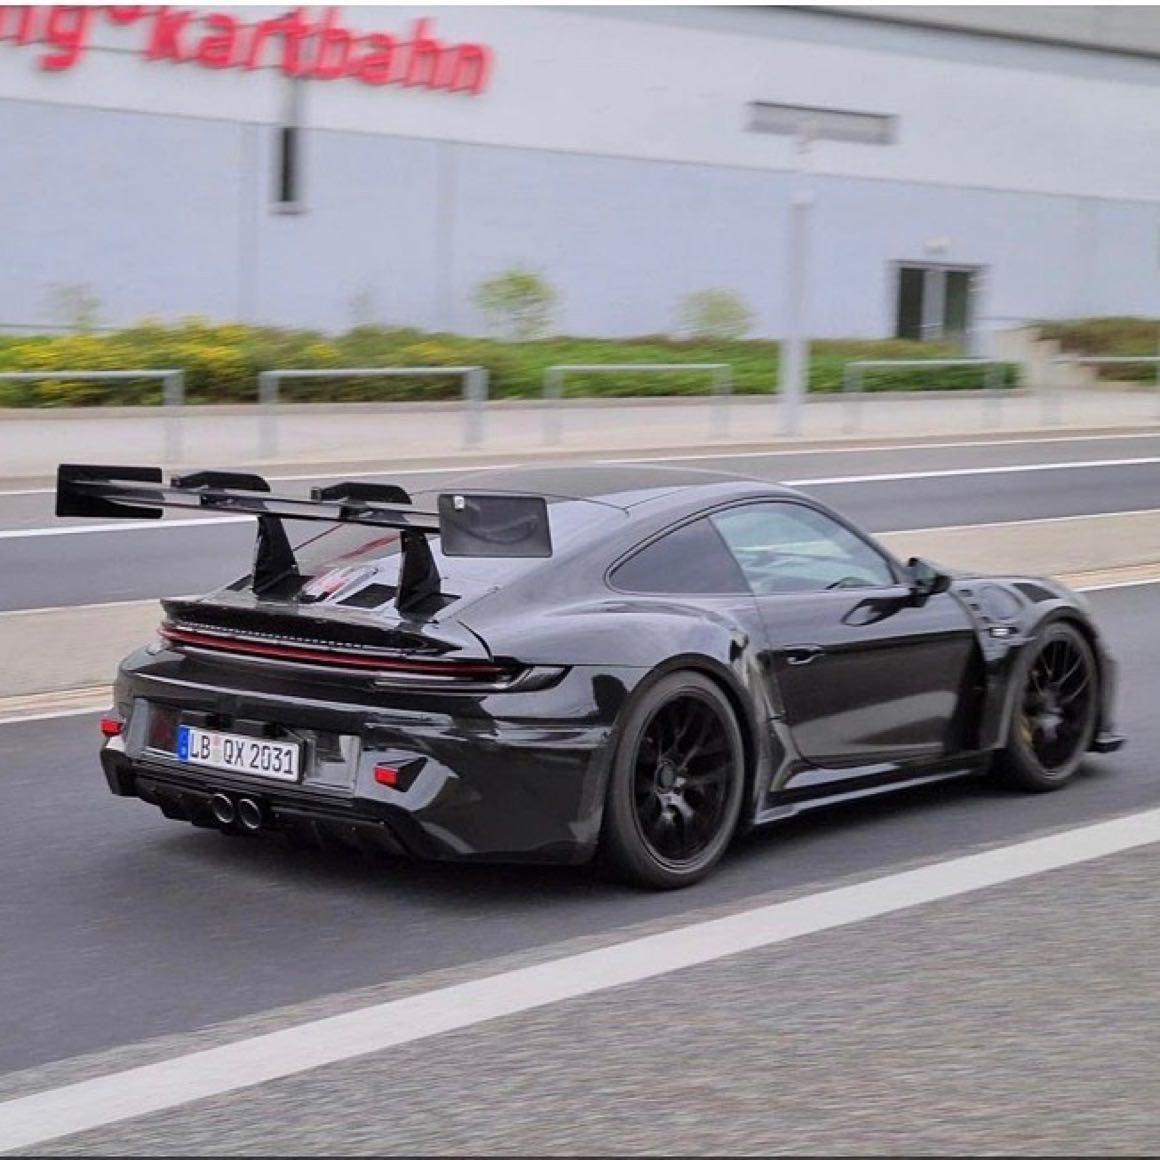 Porsche 992 Gt3 Rs Erste Erlkonig Sichtung Addicted To Motorsport